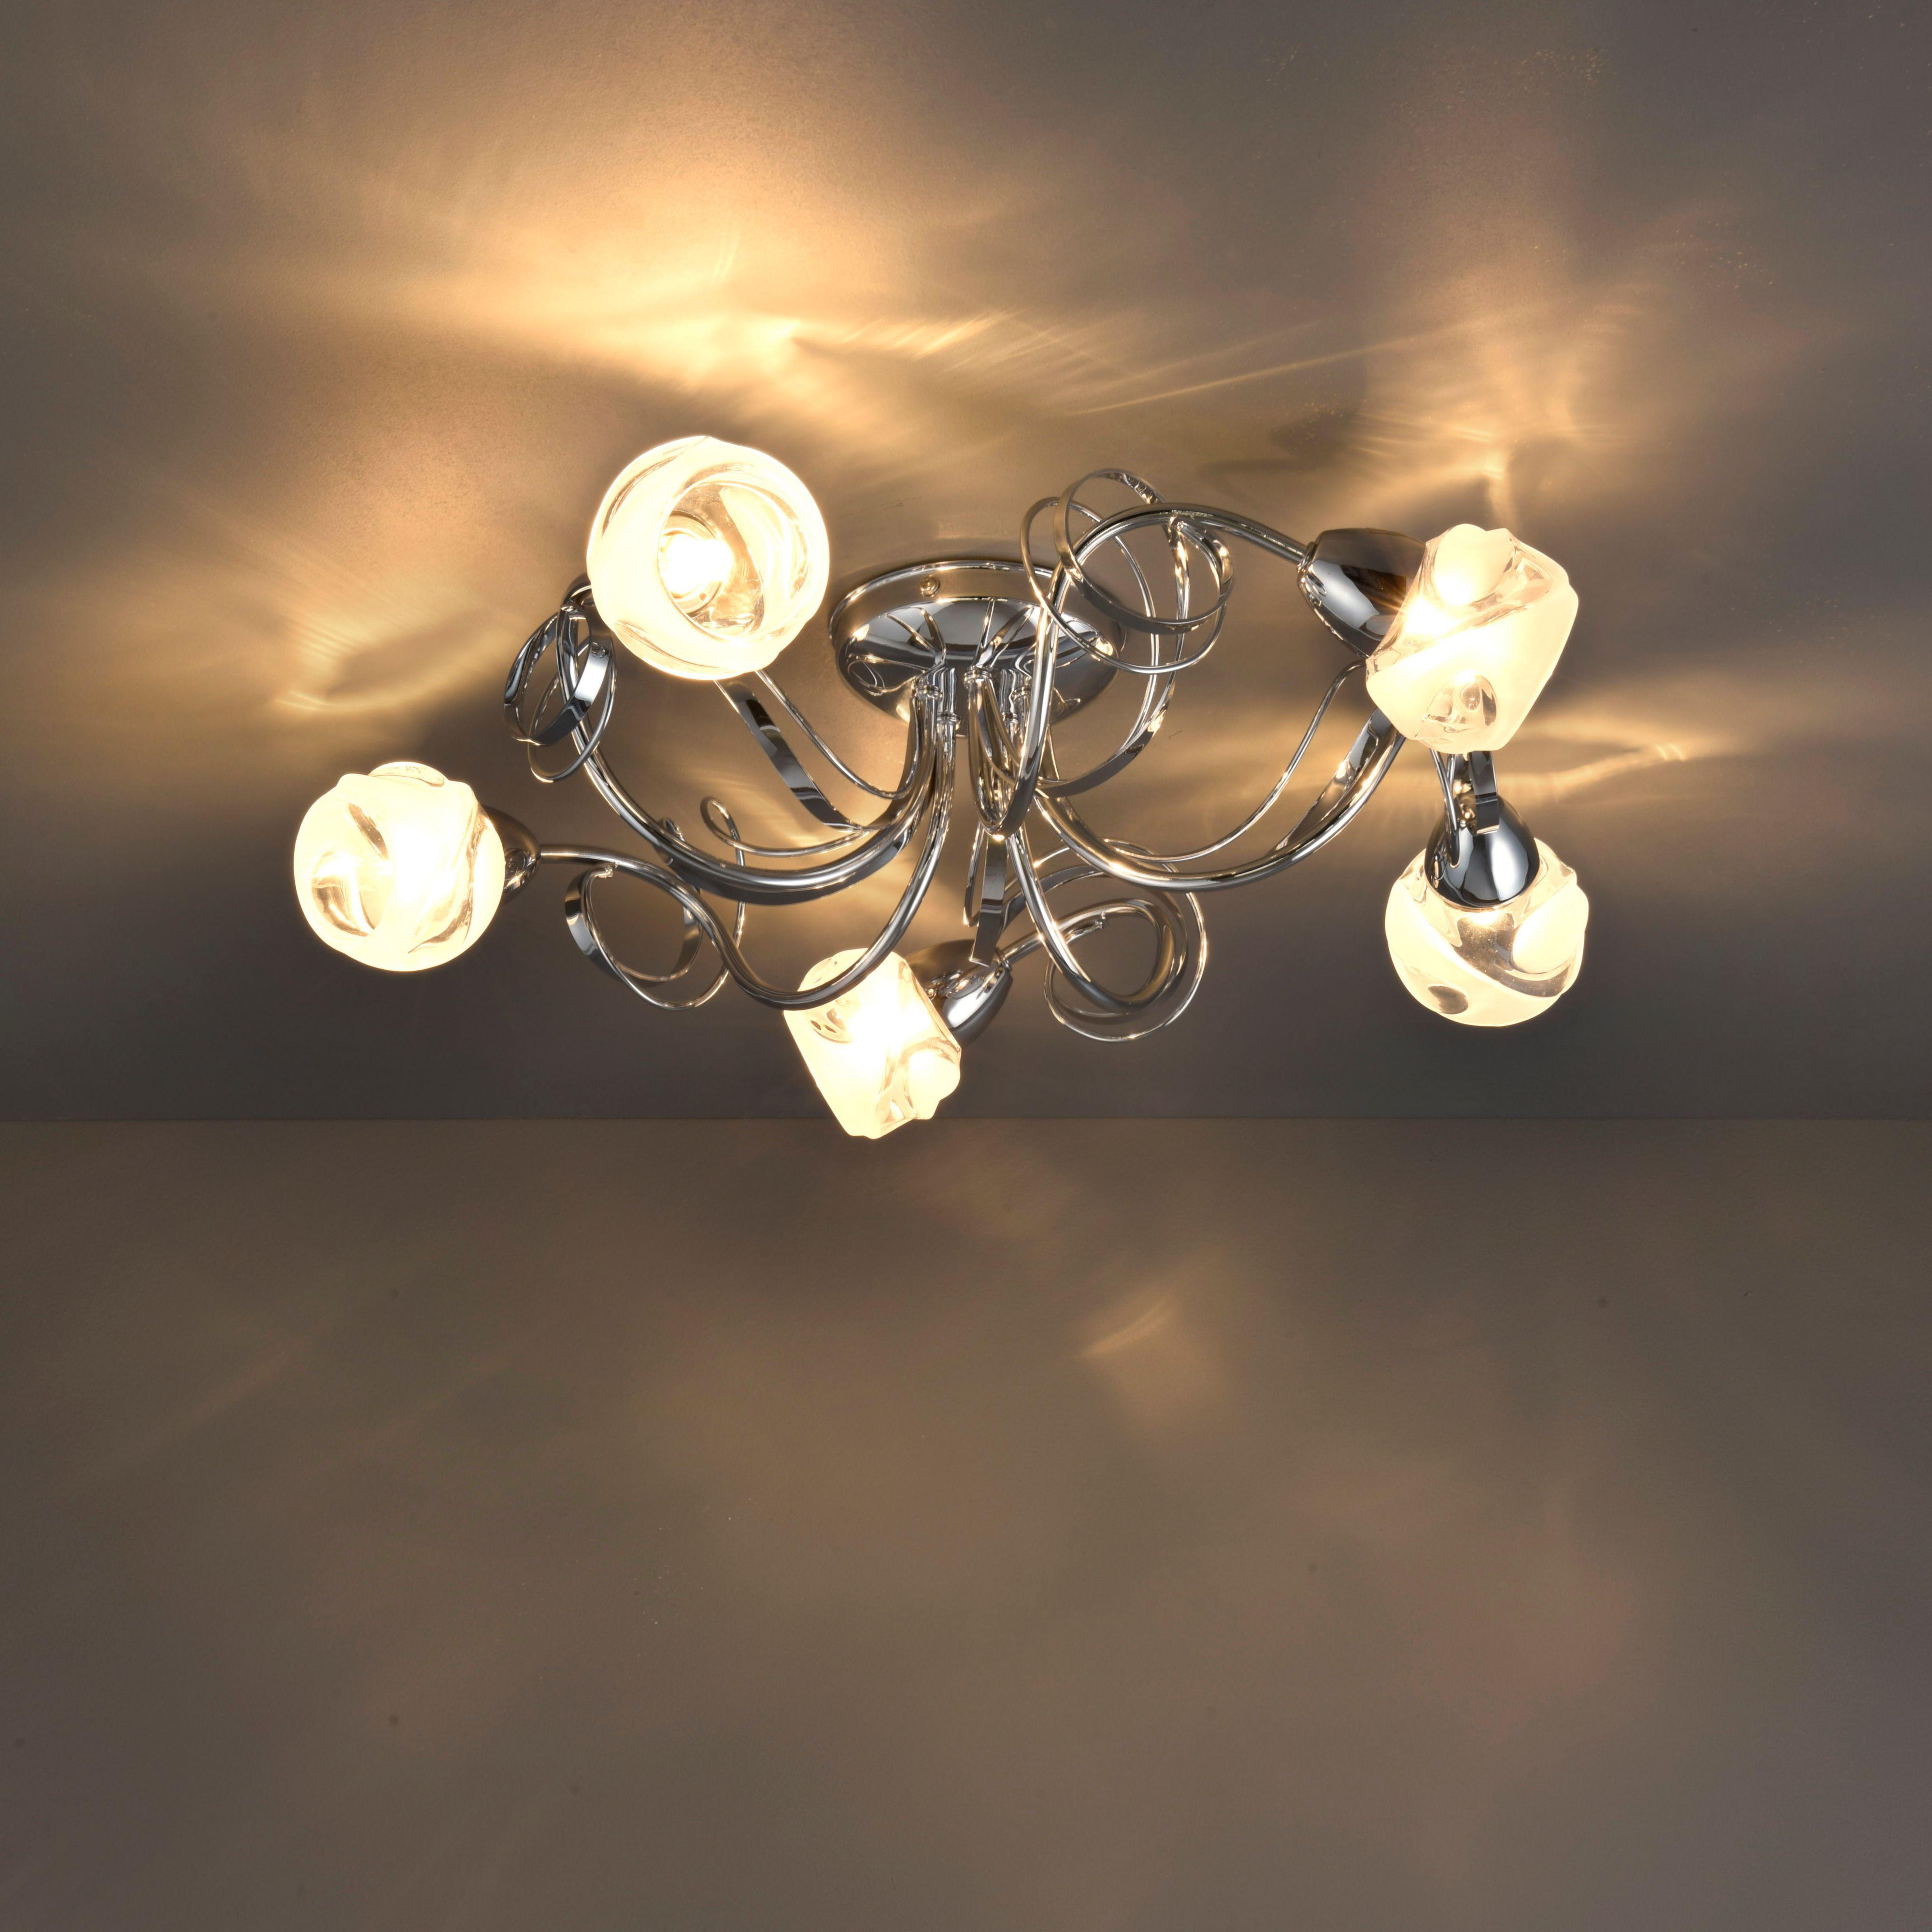 Leonice Modern Chrome Effect 5 Lamp Ceiling Light